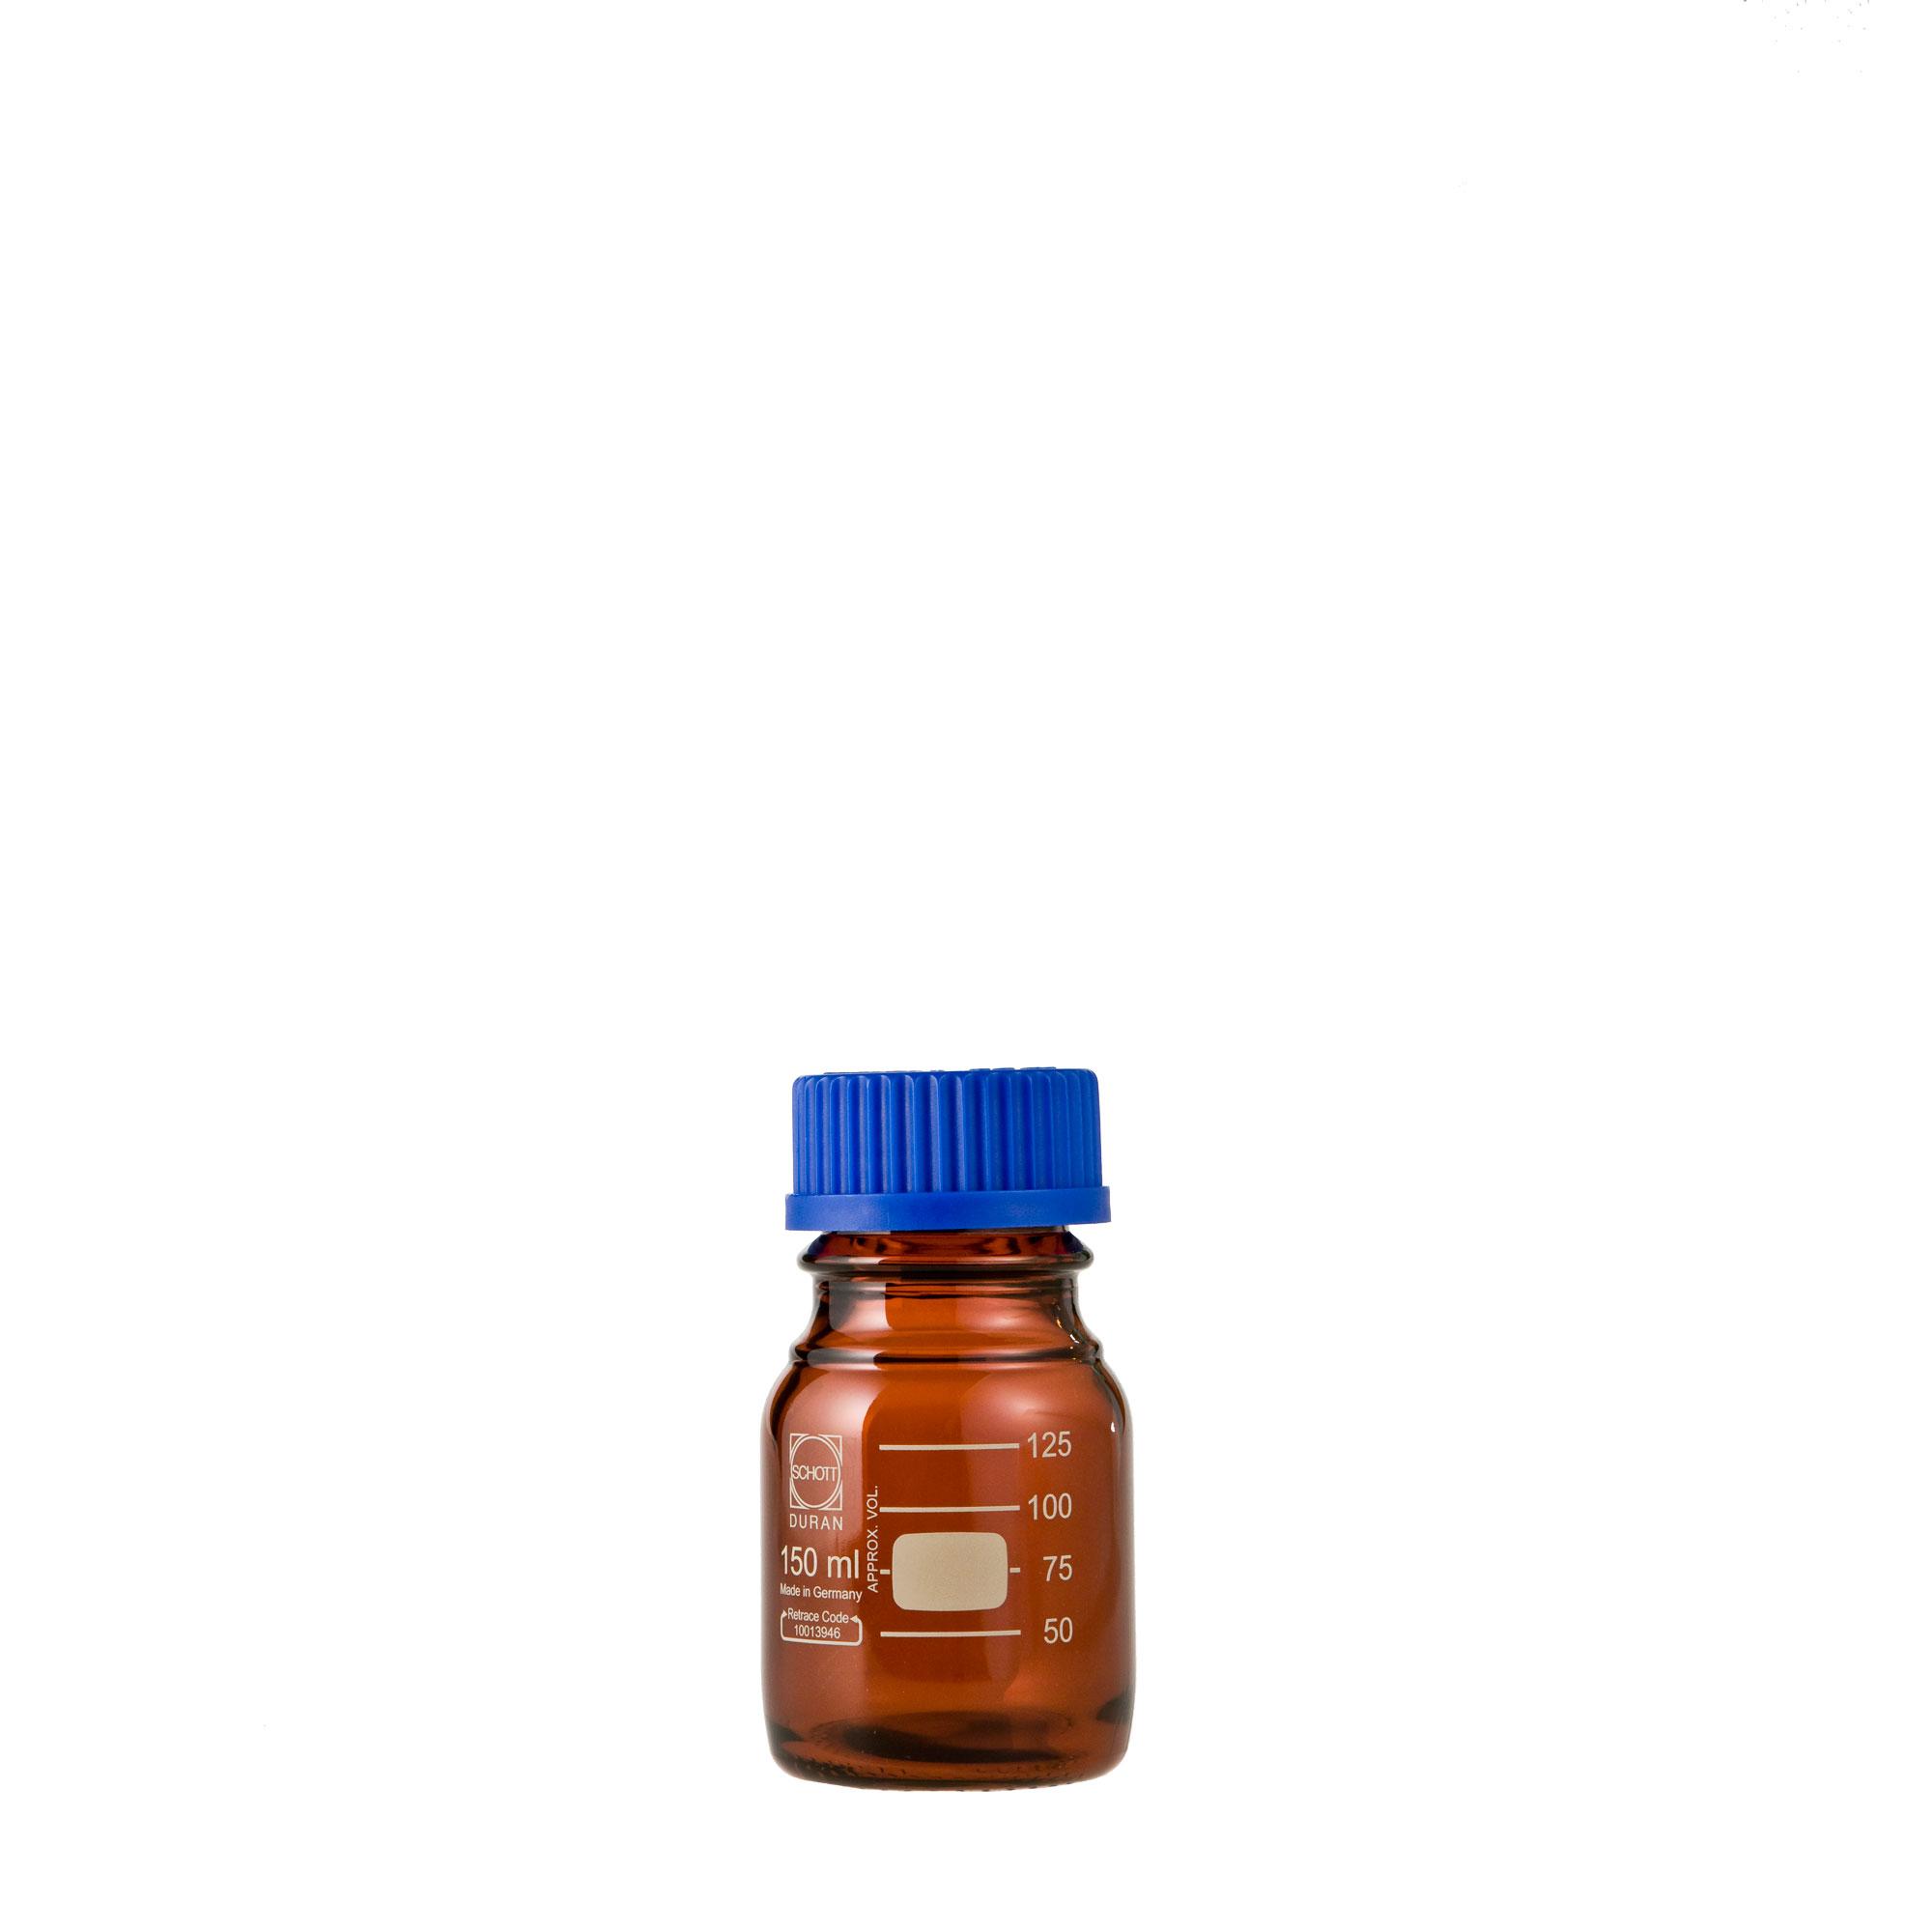 017210-150A DURAN ねじ口びん 褐色 青キャップ付 150mL GL-45(10個) 柴田科学(SIBATA)